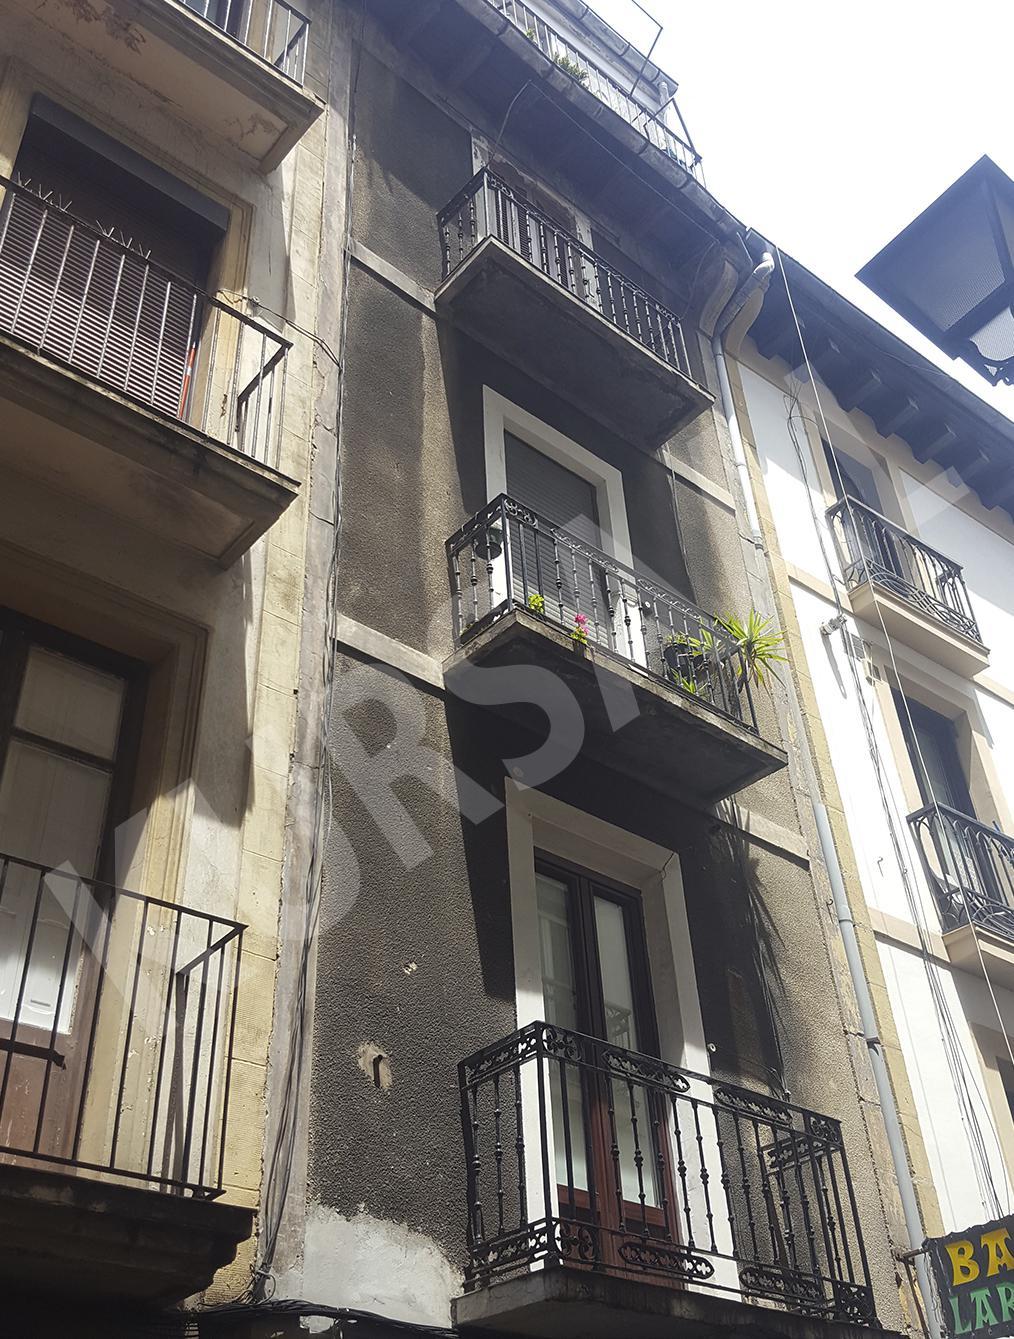 foto 7 - Restauración y patrimonio-Juan de Bilbao 4-DONOSTIA